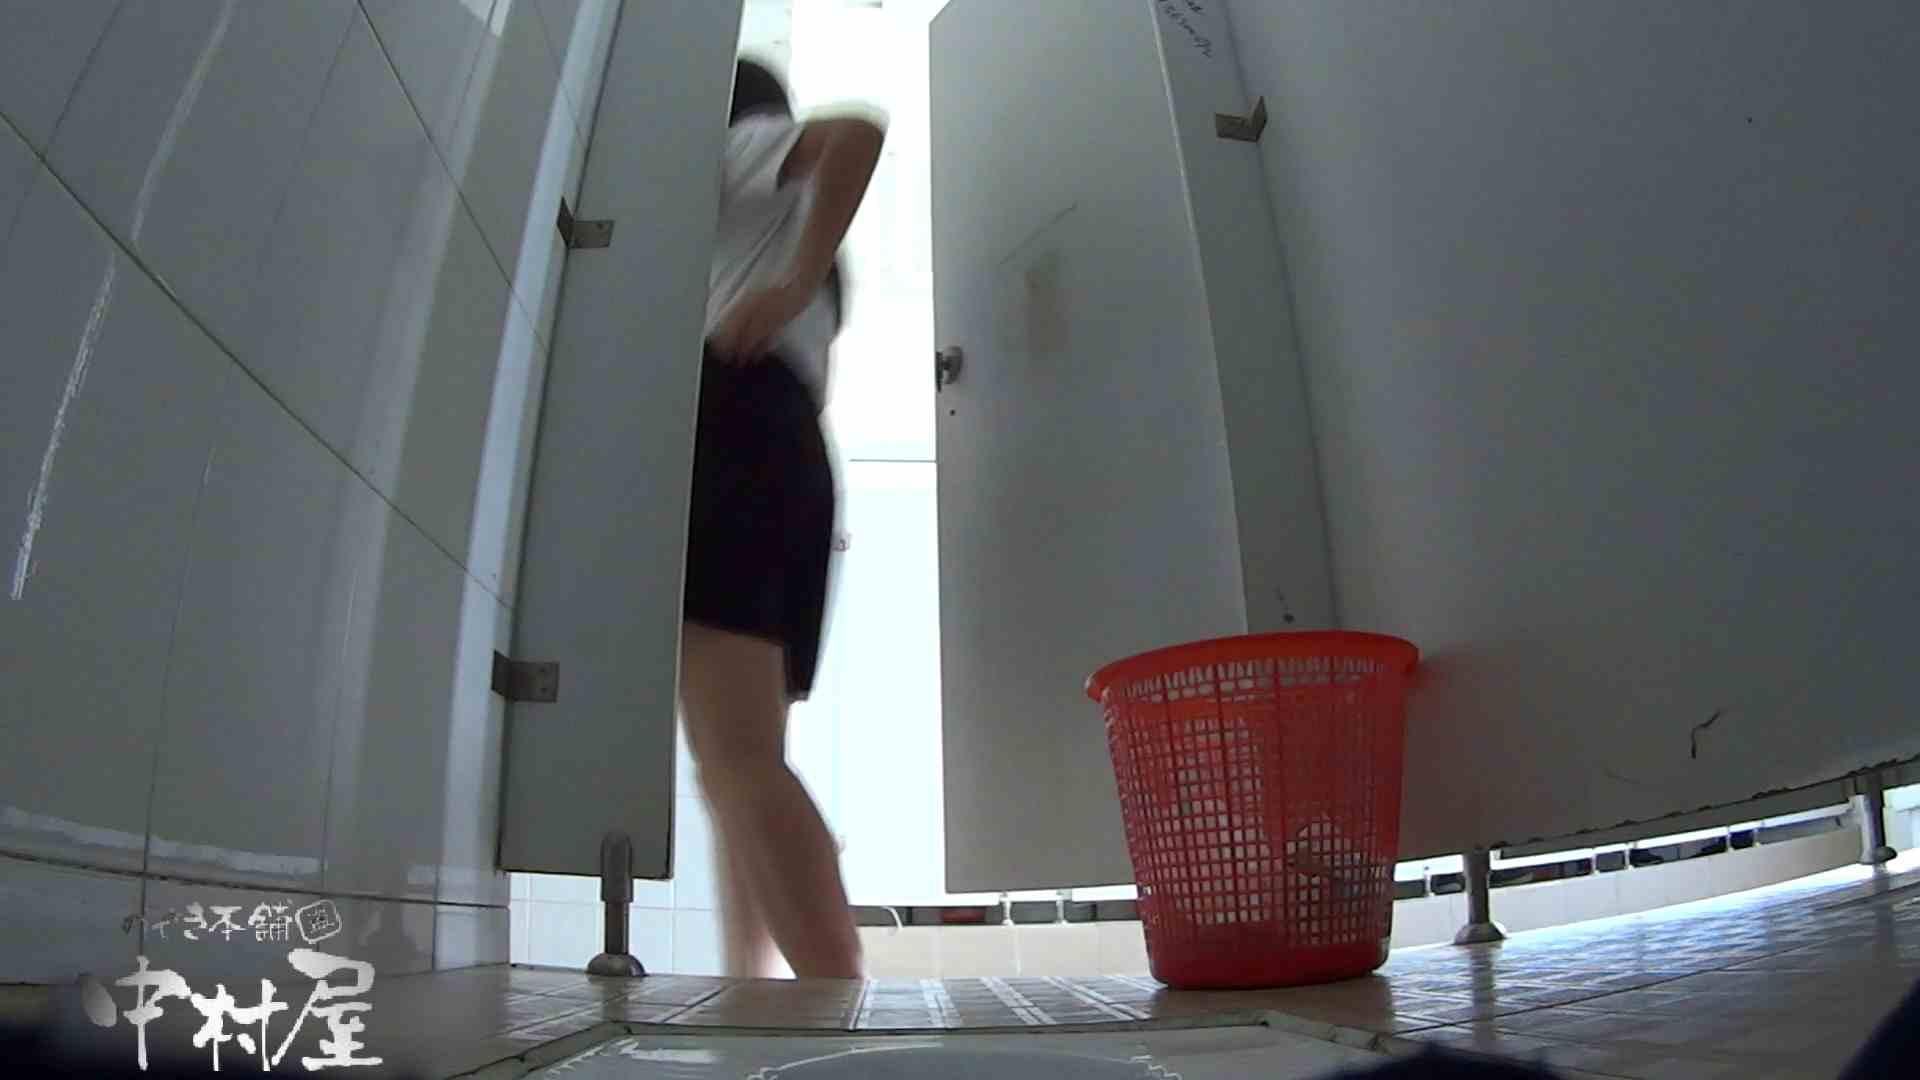 アジアンビューティー達の聖水 大学休憩時間の洗面所事情24 0 | 0  83連発 67